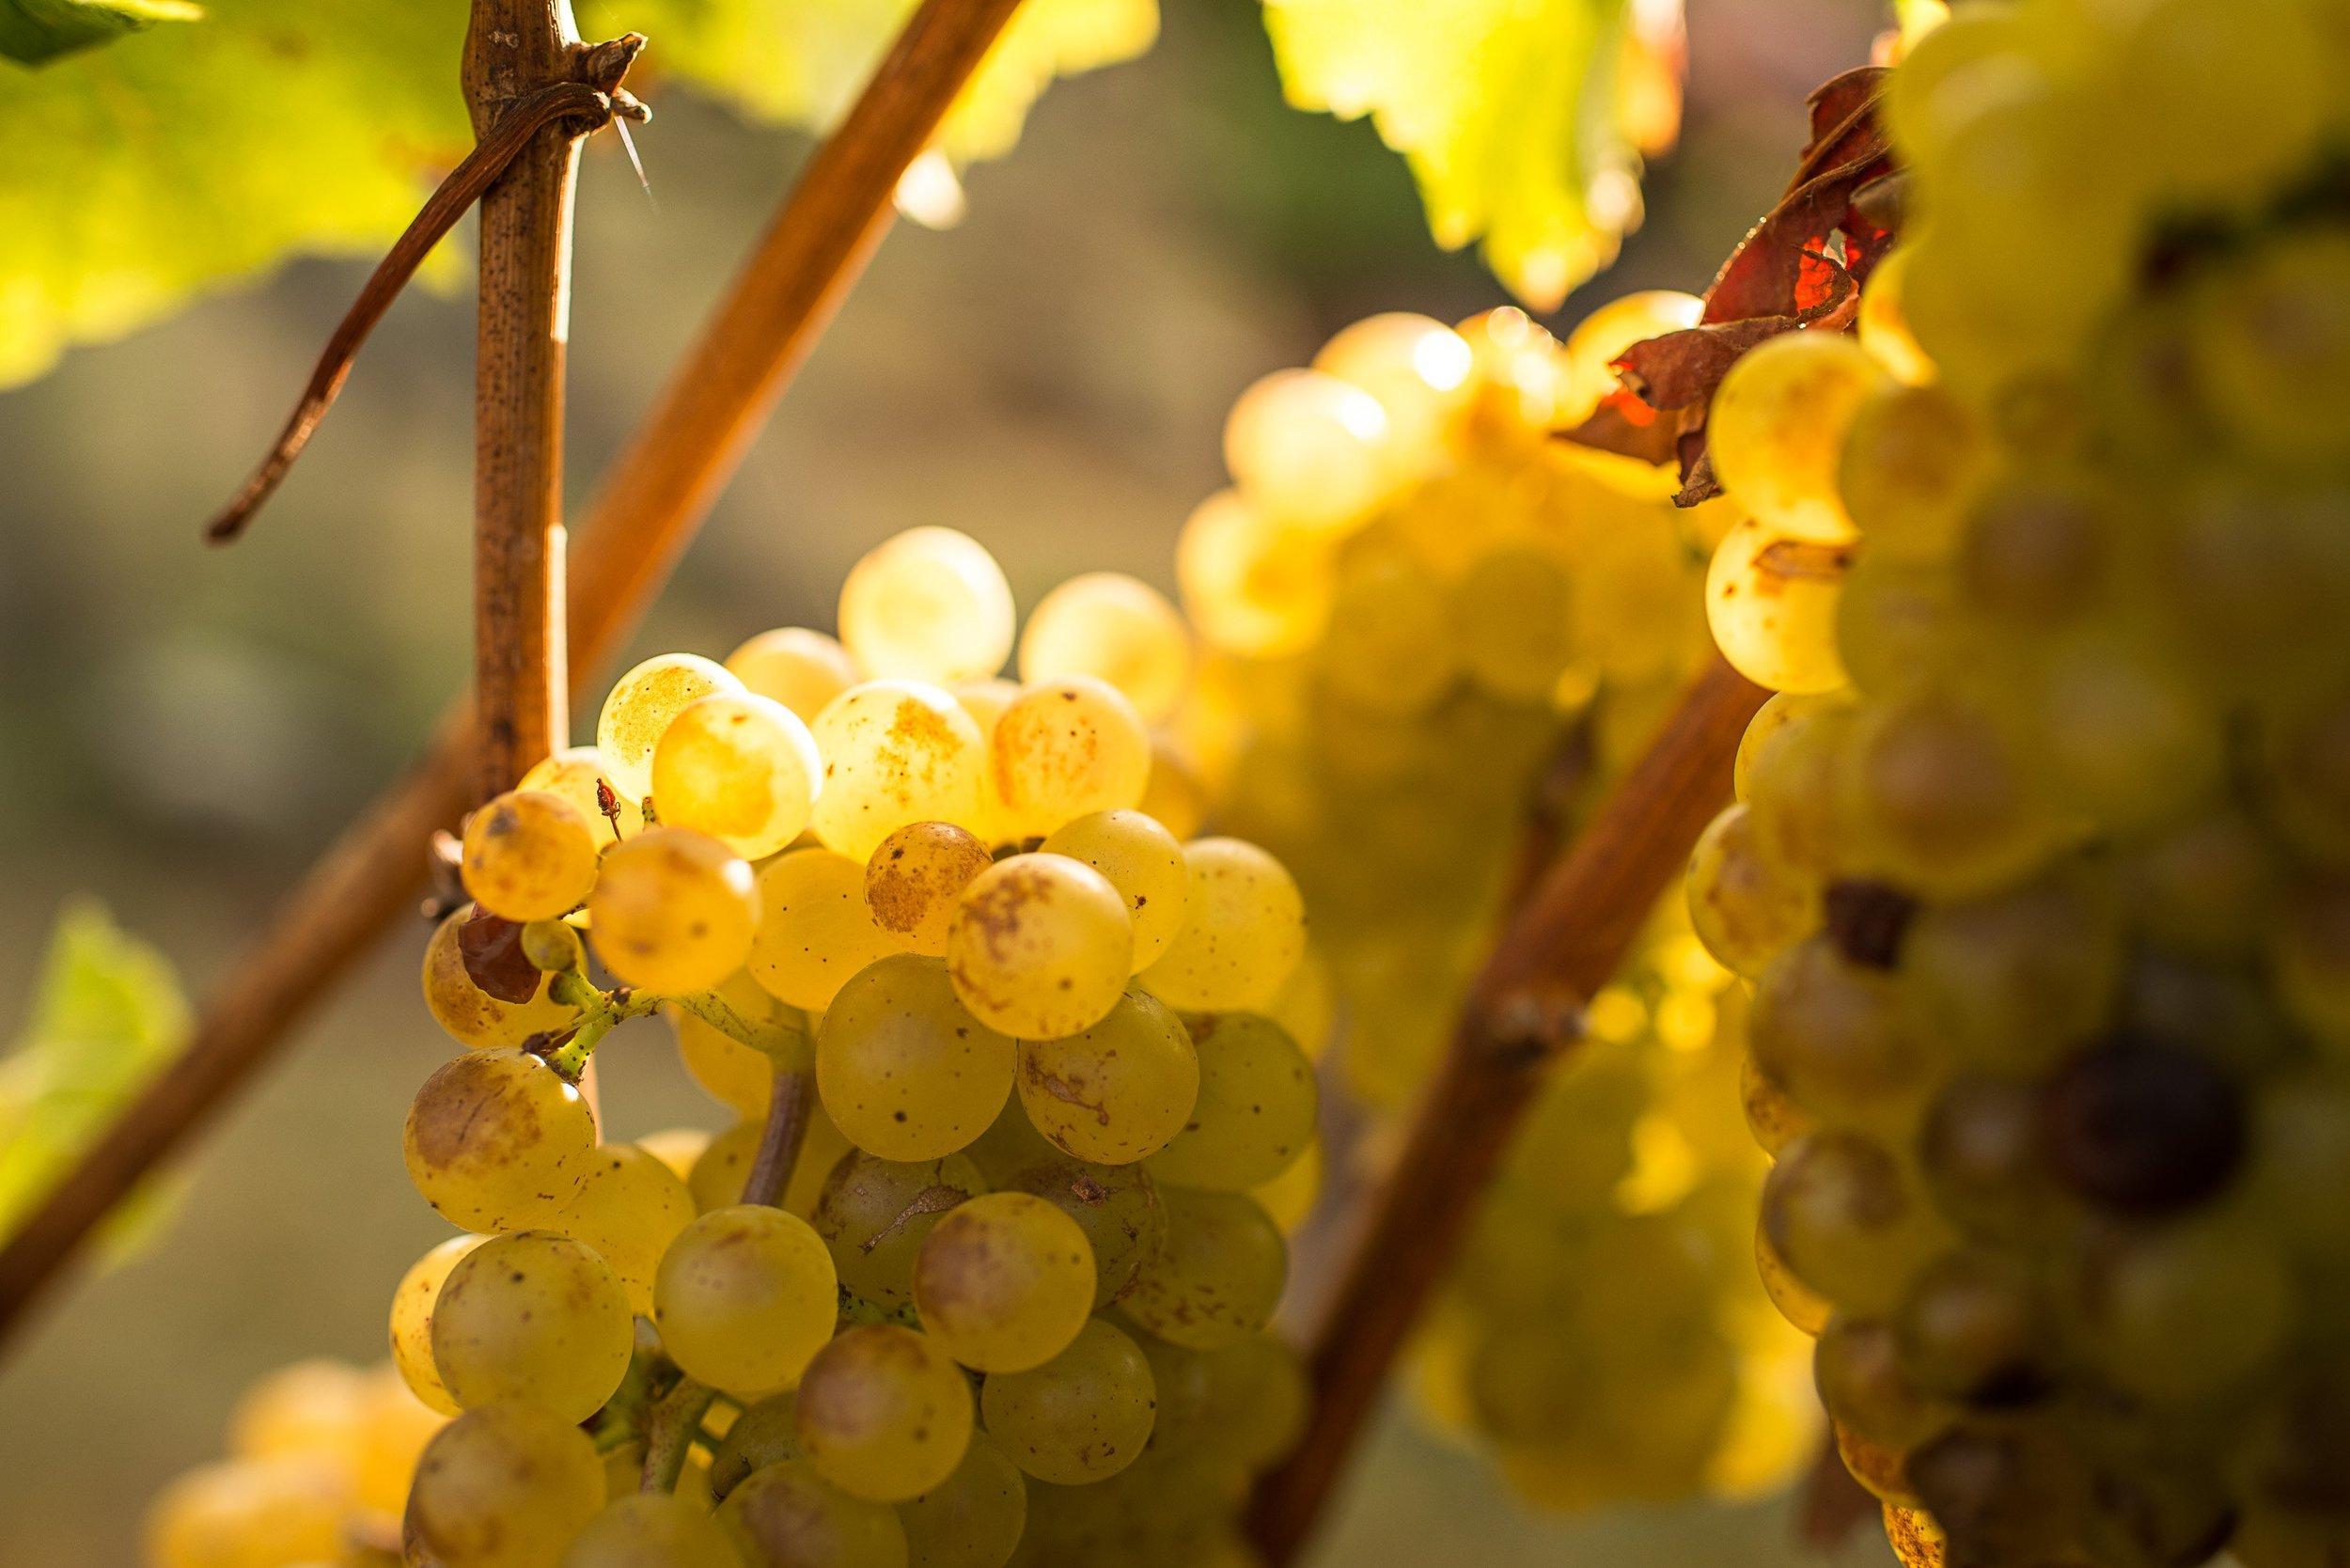 Vidal_Chardonnay_ae84d439-fe17-410c-a52b-29b0765b51f9.jpg